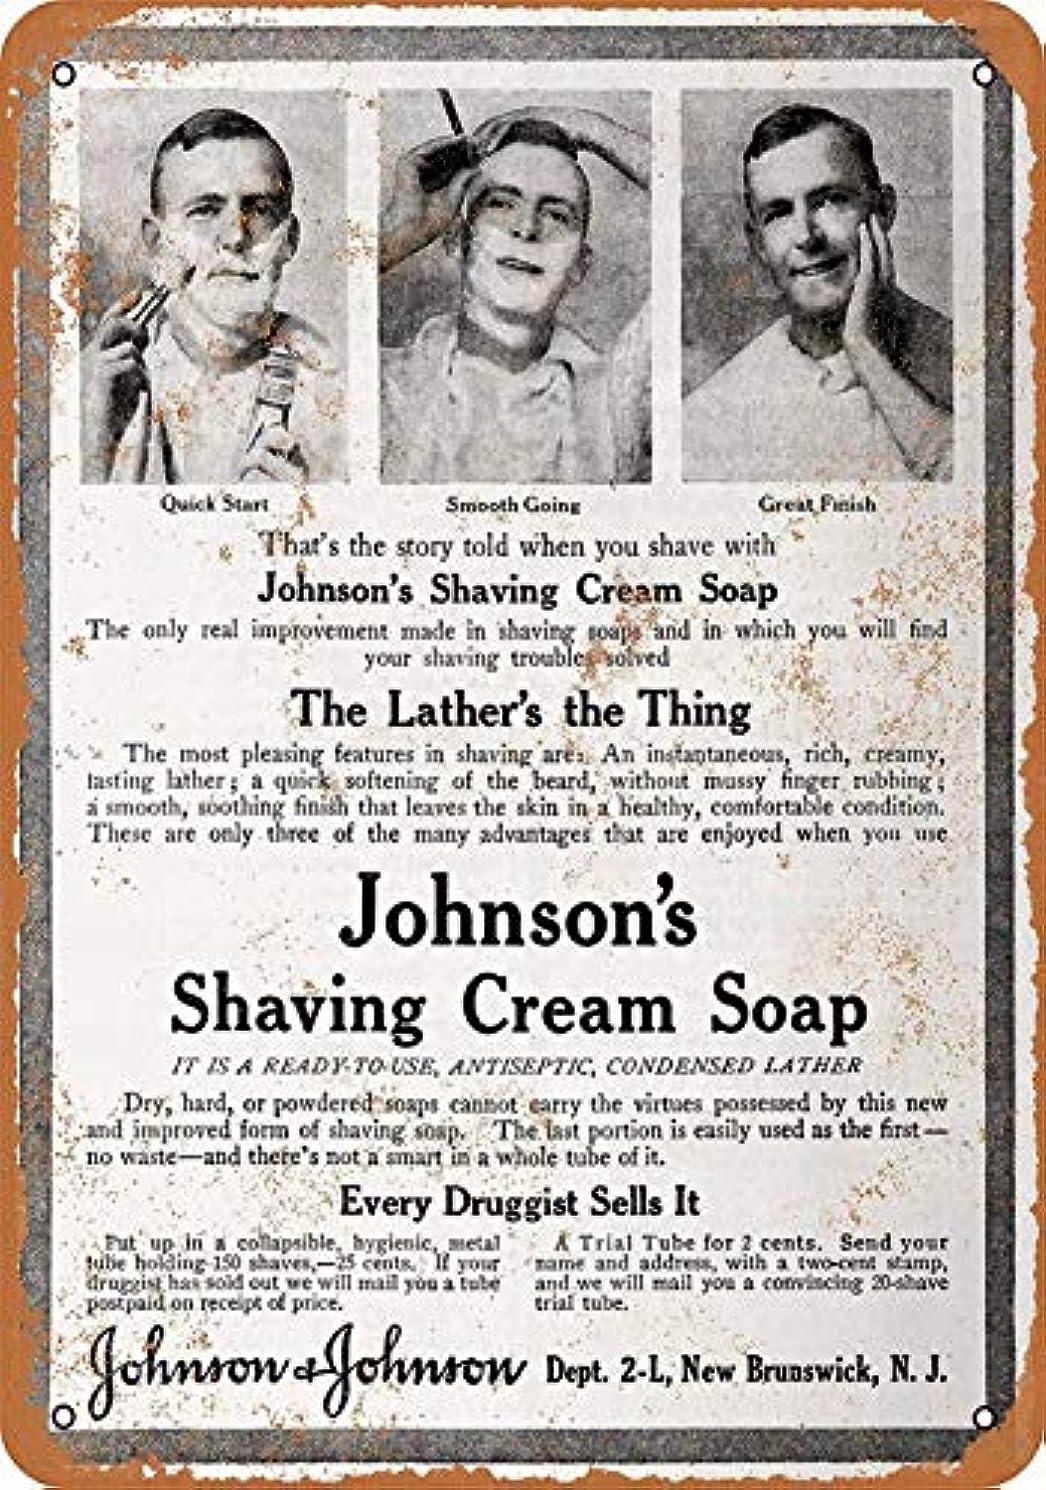 引き出す縫うカストディアンなまけ者雑貨屋 Johnson's Shaving Cream Soap メタルプレート レトロ アメリカン ブリキ 看板 バー ビール おしゃれ インテリア